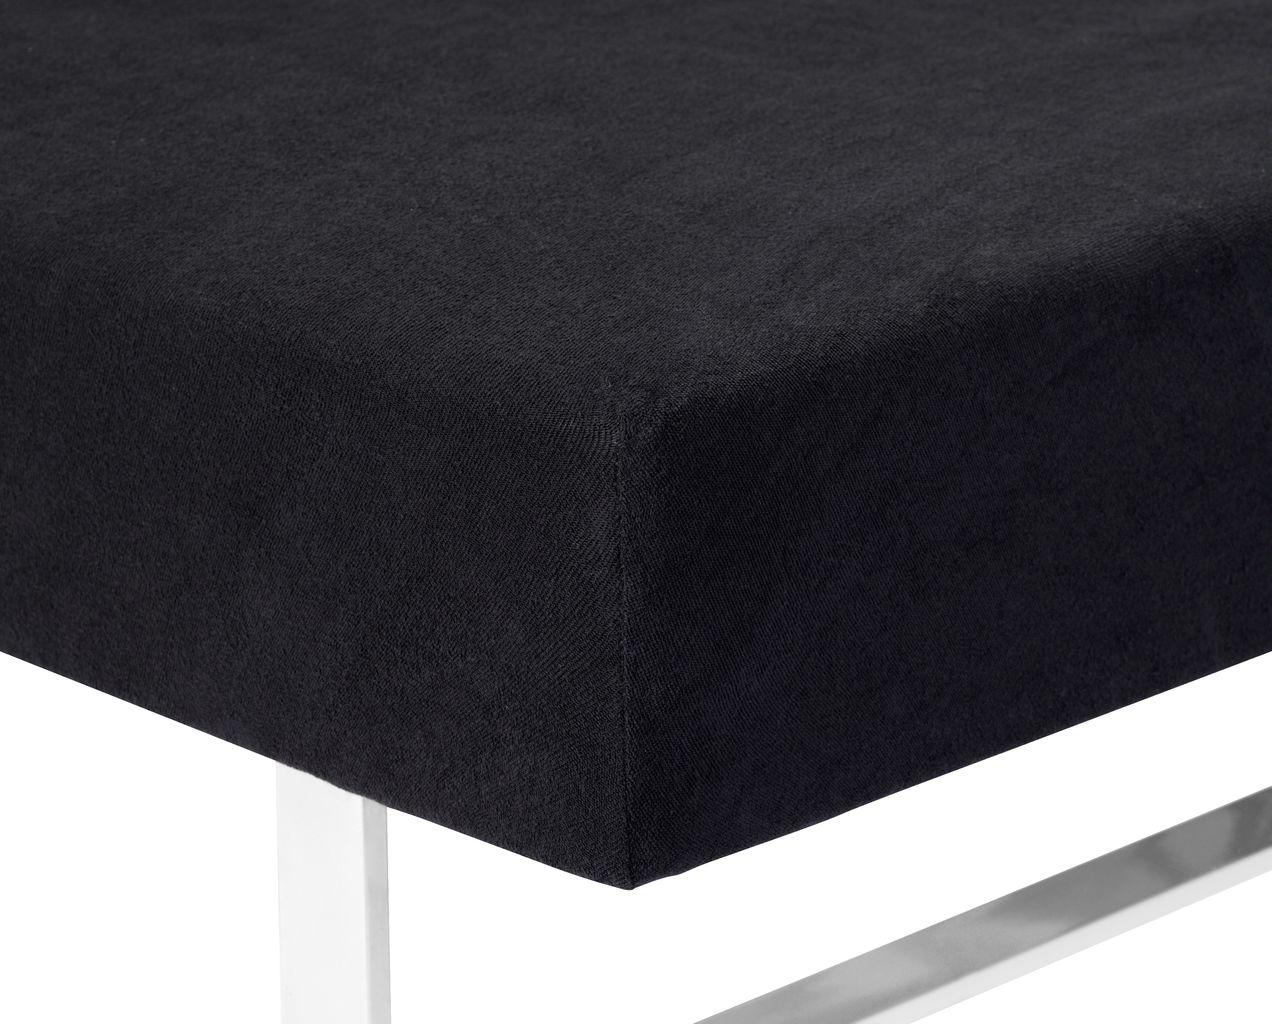 Hoeslaken badstof 90x200210x40 zwart  JYSK